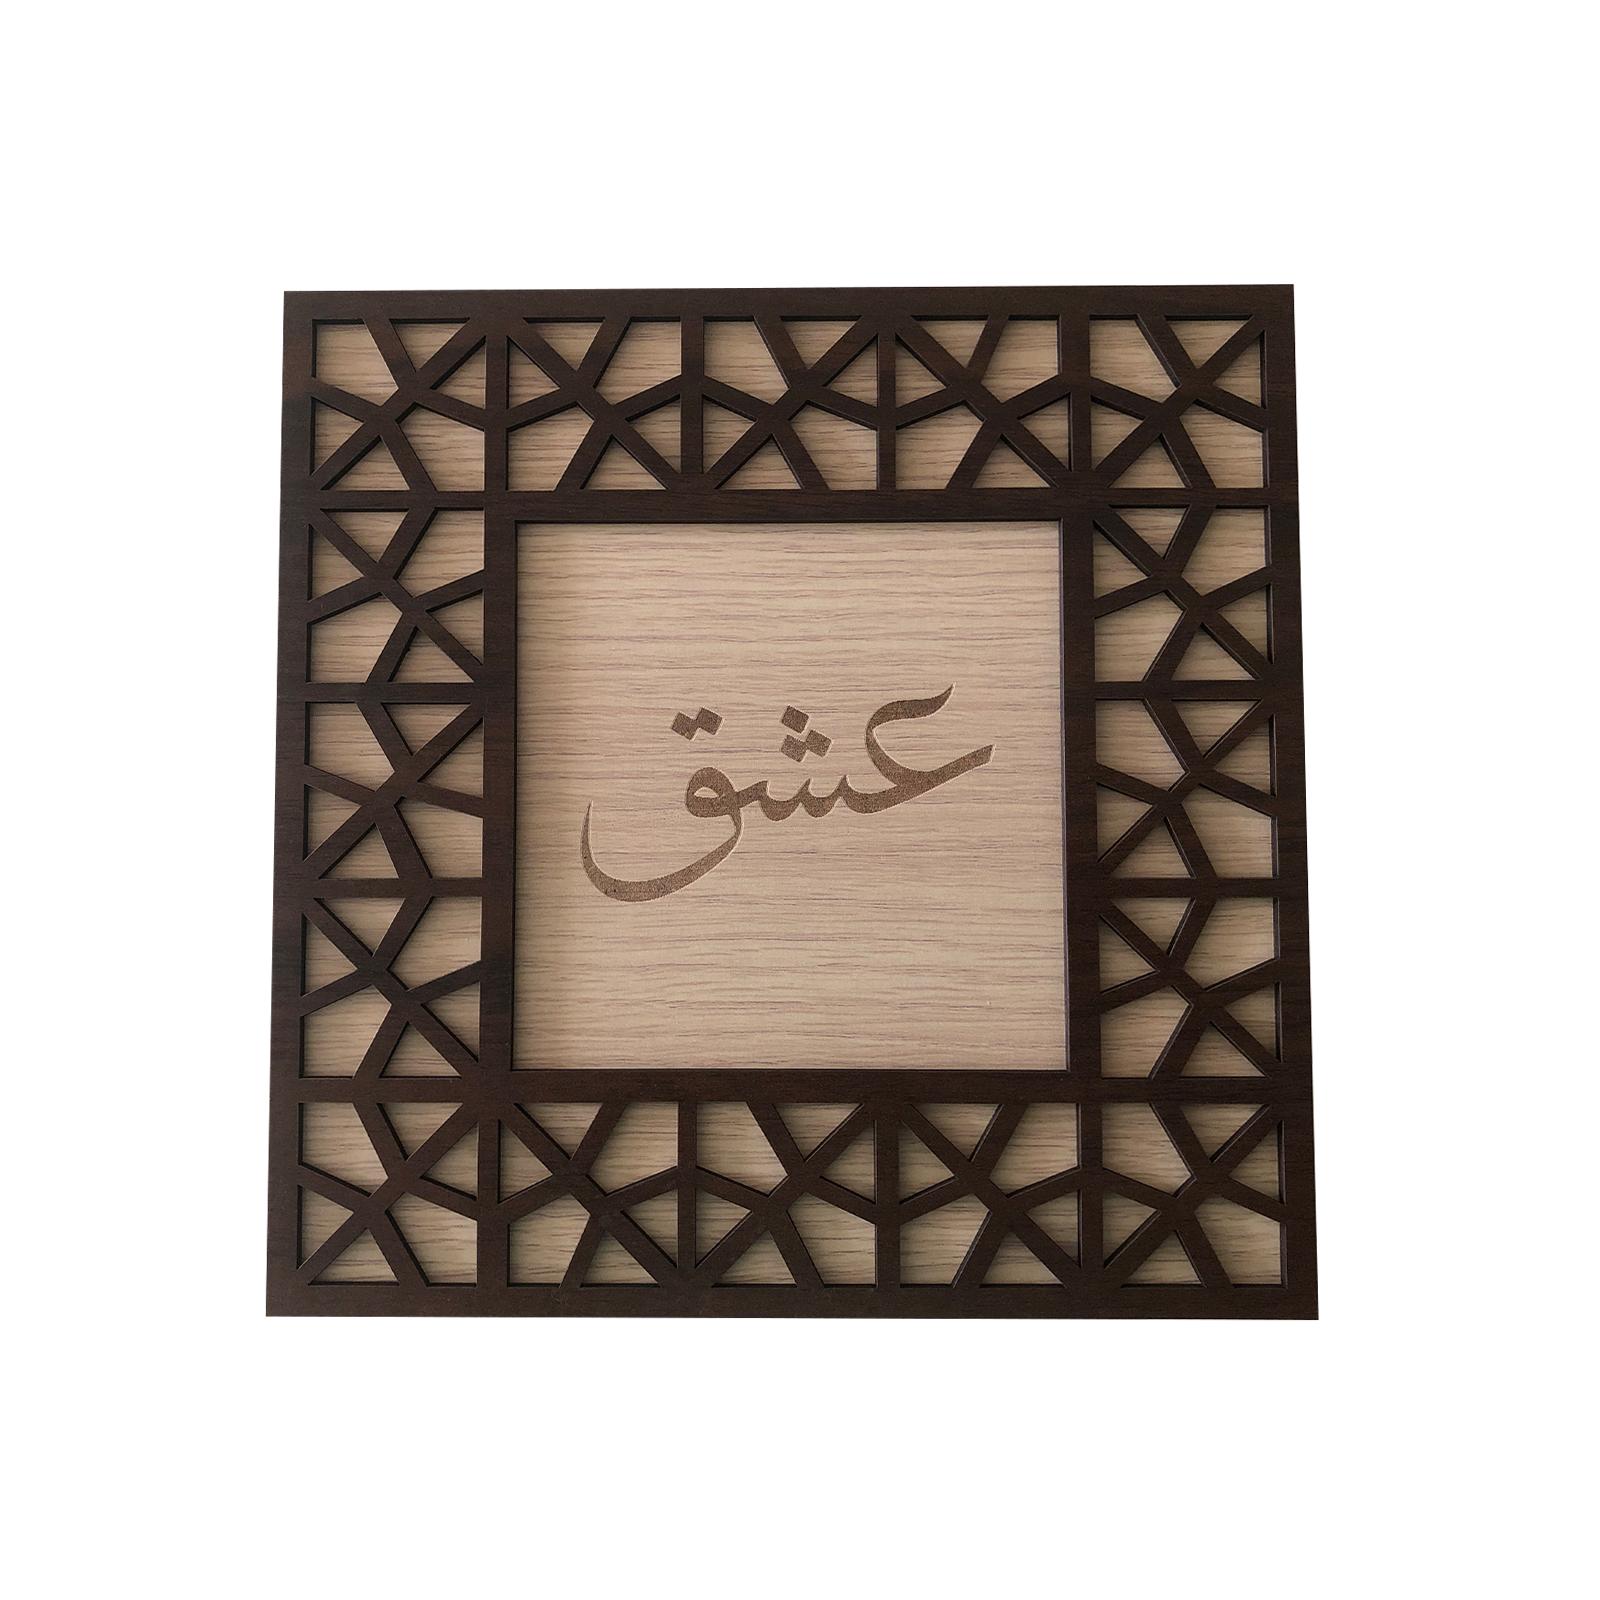 تابلو چوبی طرح عشق مدل دل نوشته کد ta6